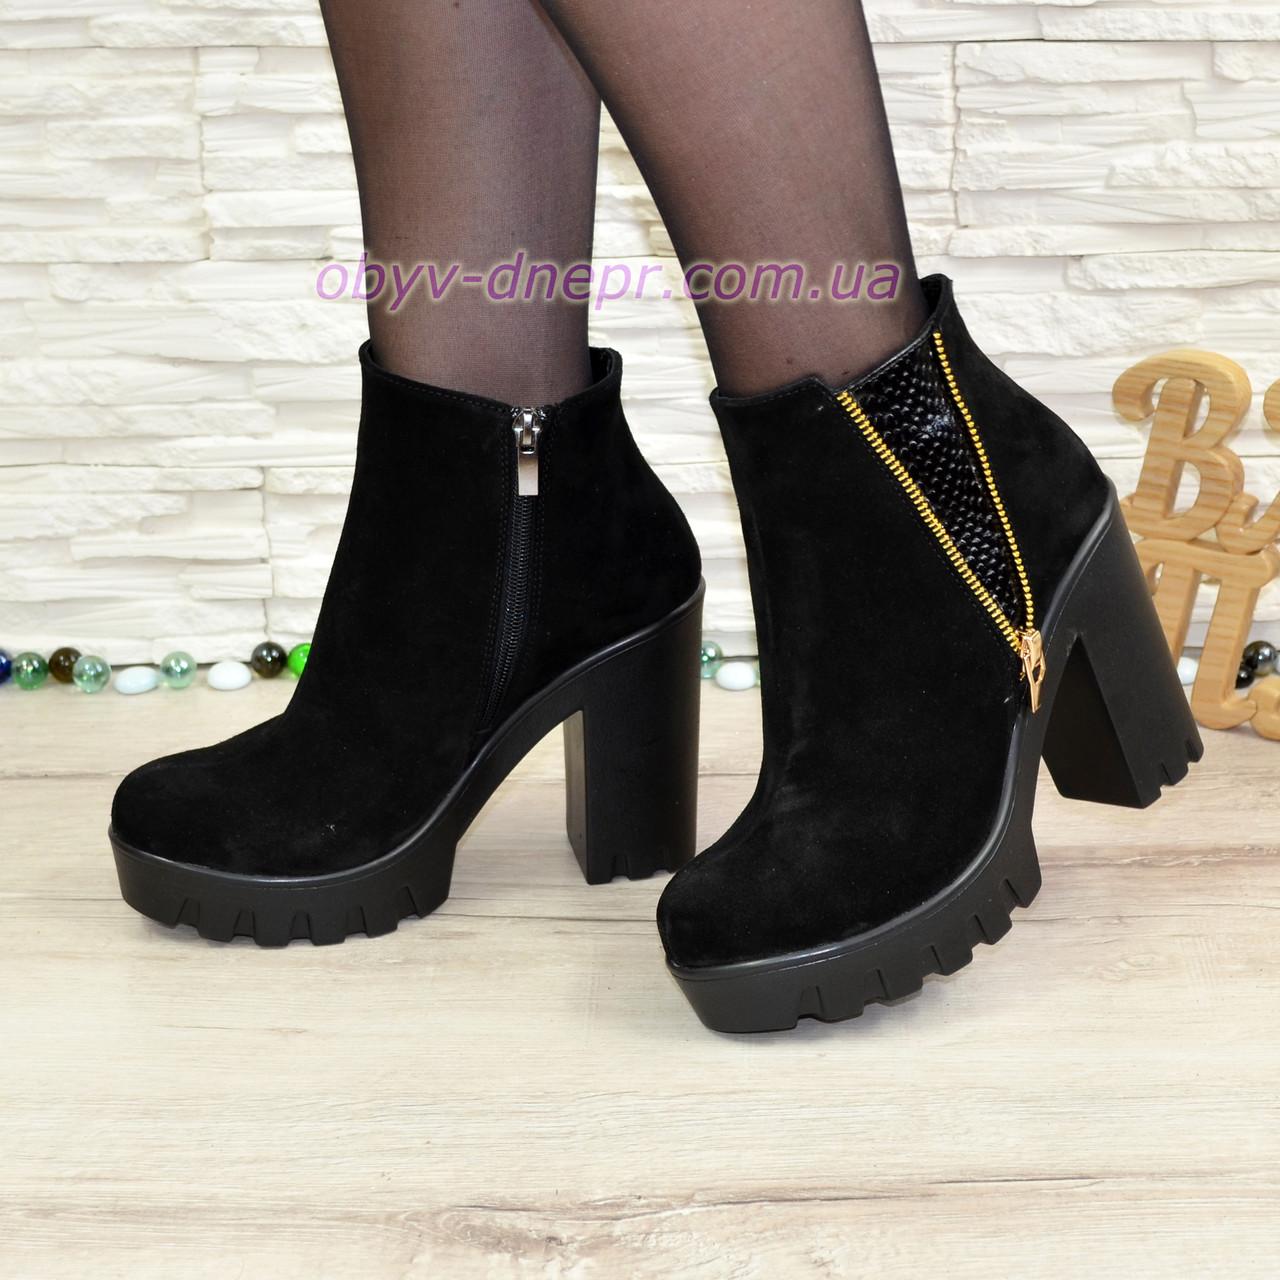 fe72d256c81b Полуботинки зимние женские замшевые на высоком каблуке: продажа, цена в  Днепре. ...